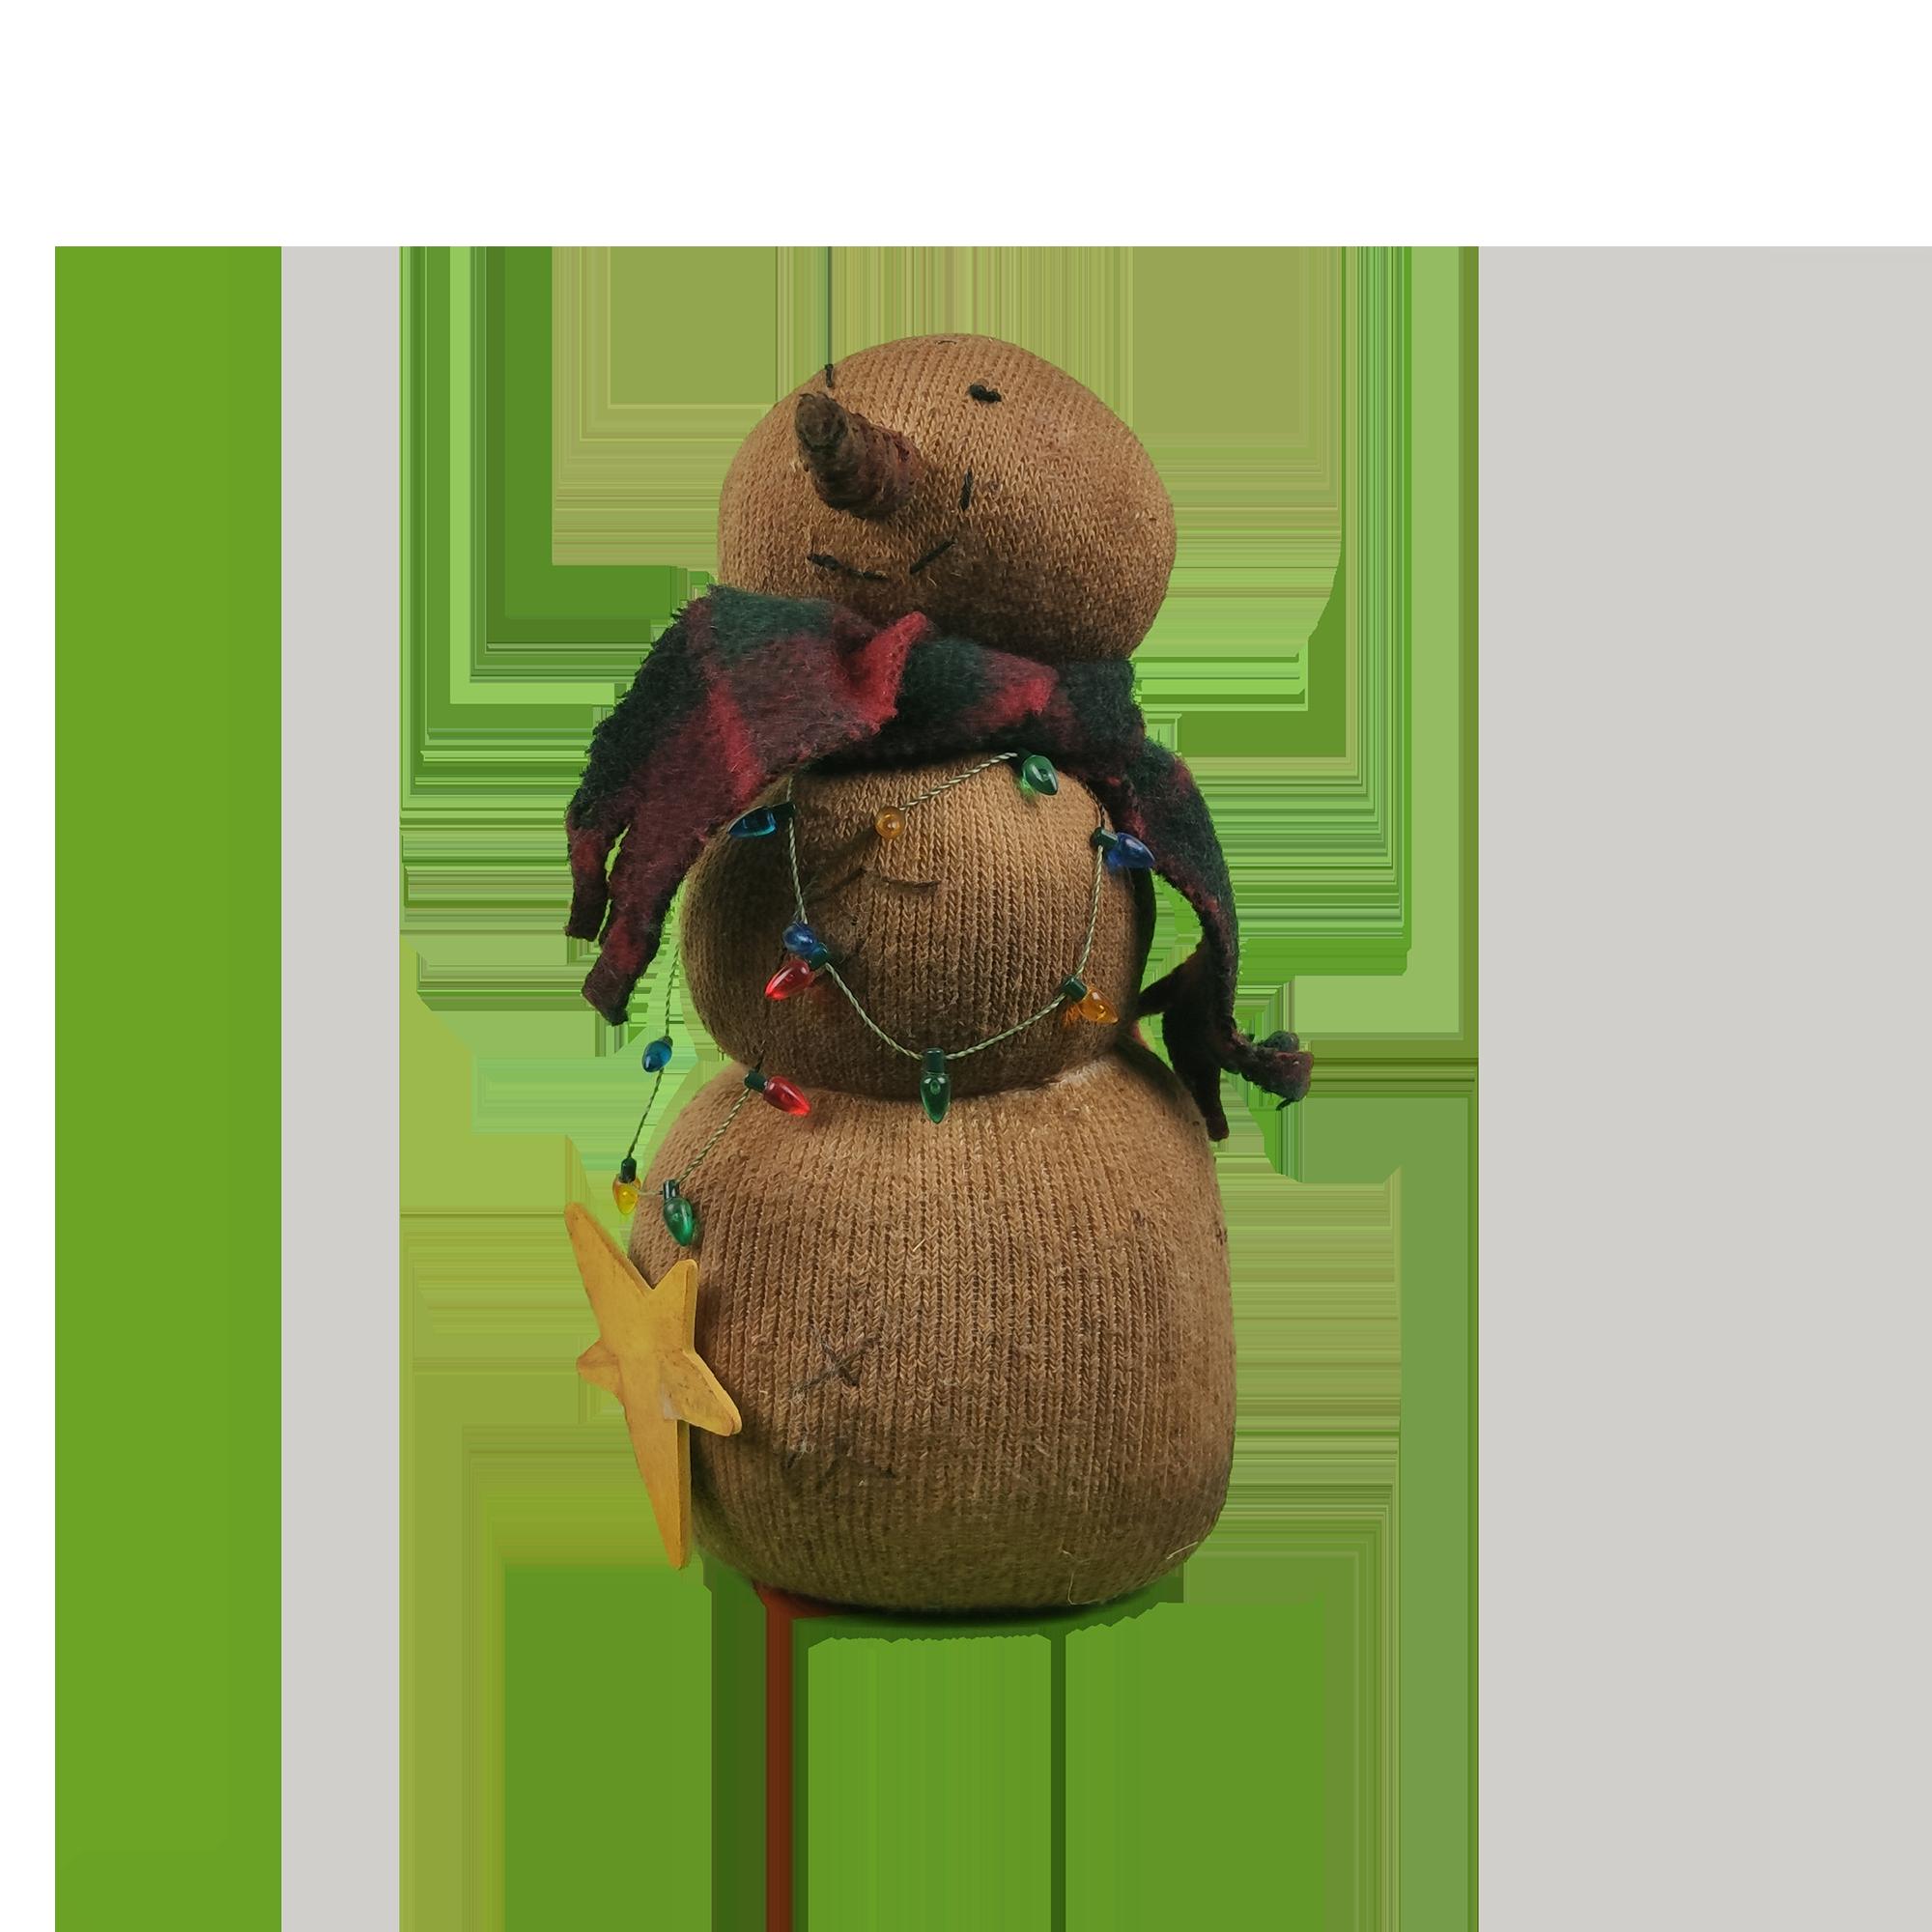 Χιονάνθρωπος κούκλα-Snowman doll